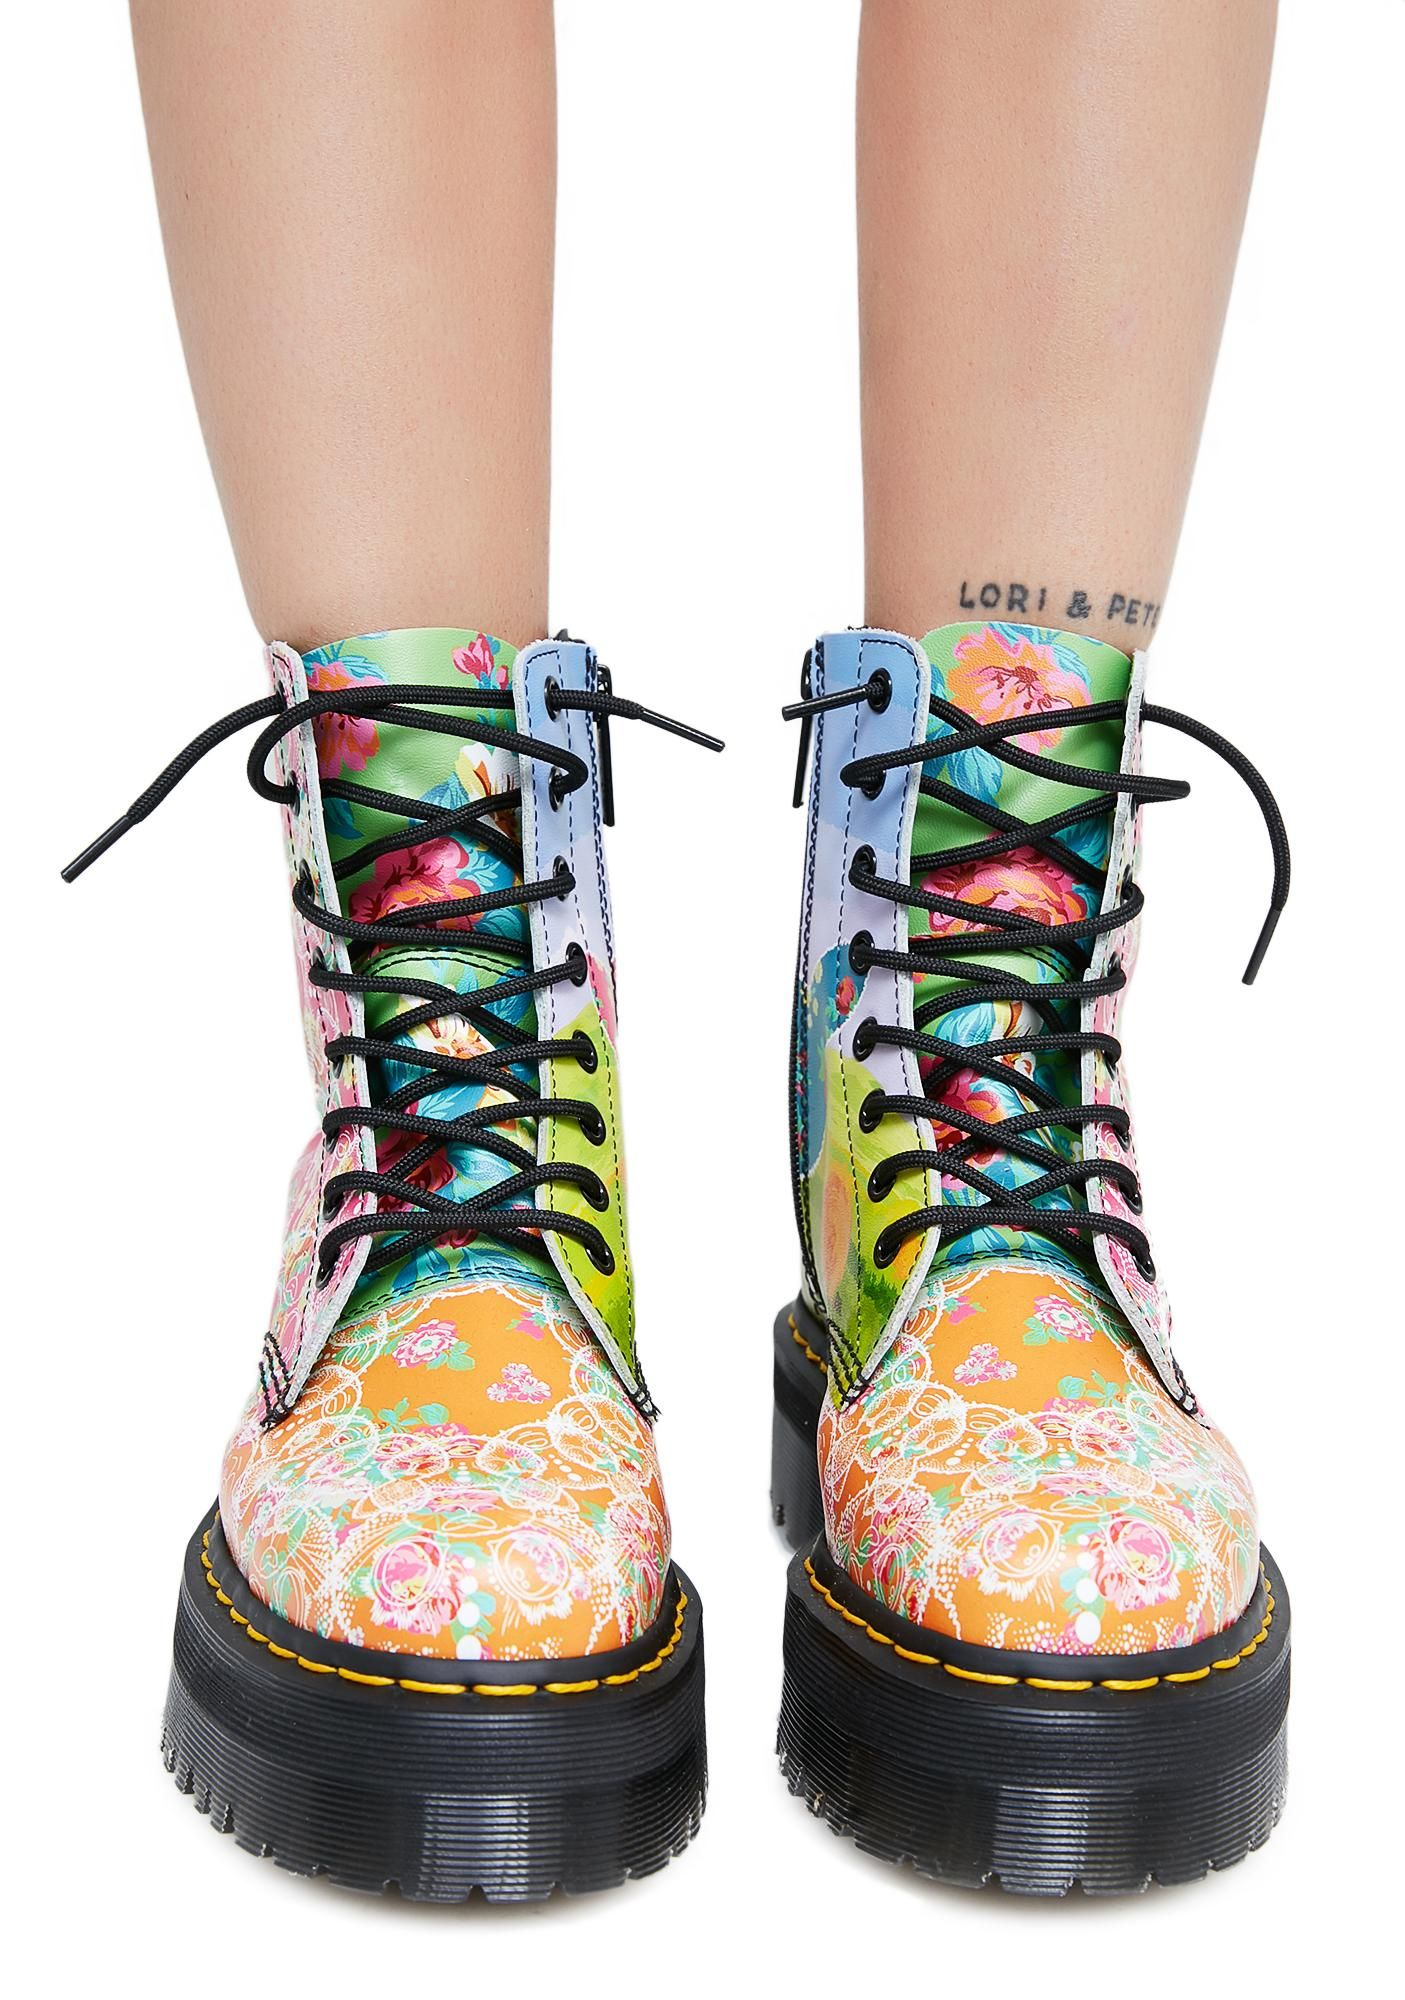 Dr. Dr. Martens Womens Jadon Daze Leather Boots - Multi - 41 Eu Martres Des Femmes De Bottes En Cuir Jadon De Daze - Multiples - 41 Eu ZJ98BaADh